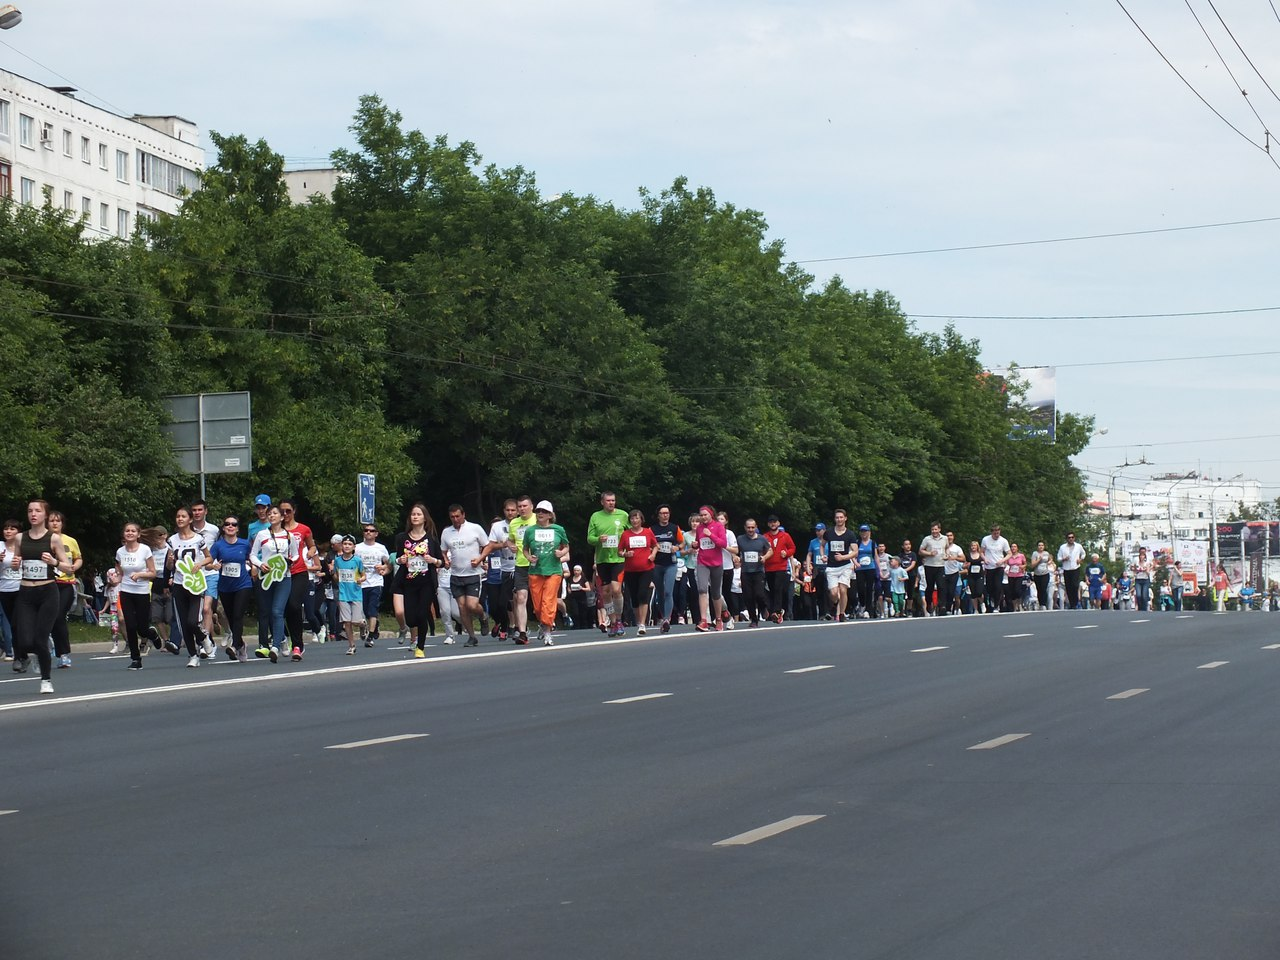 Уфимский международный марафон будет комментировать Вадим Злобин